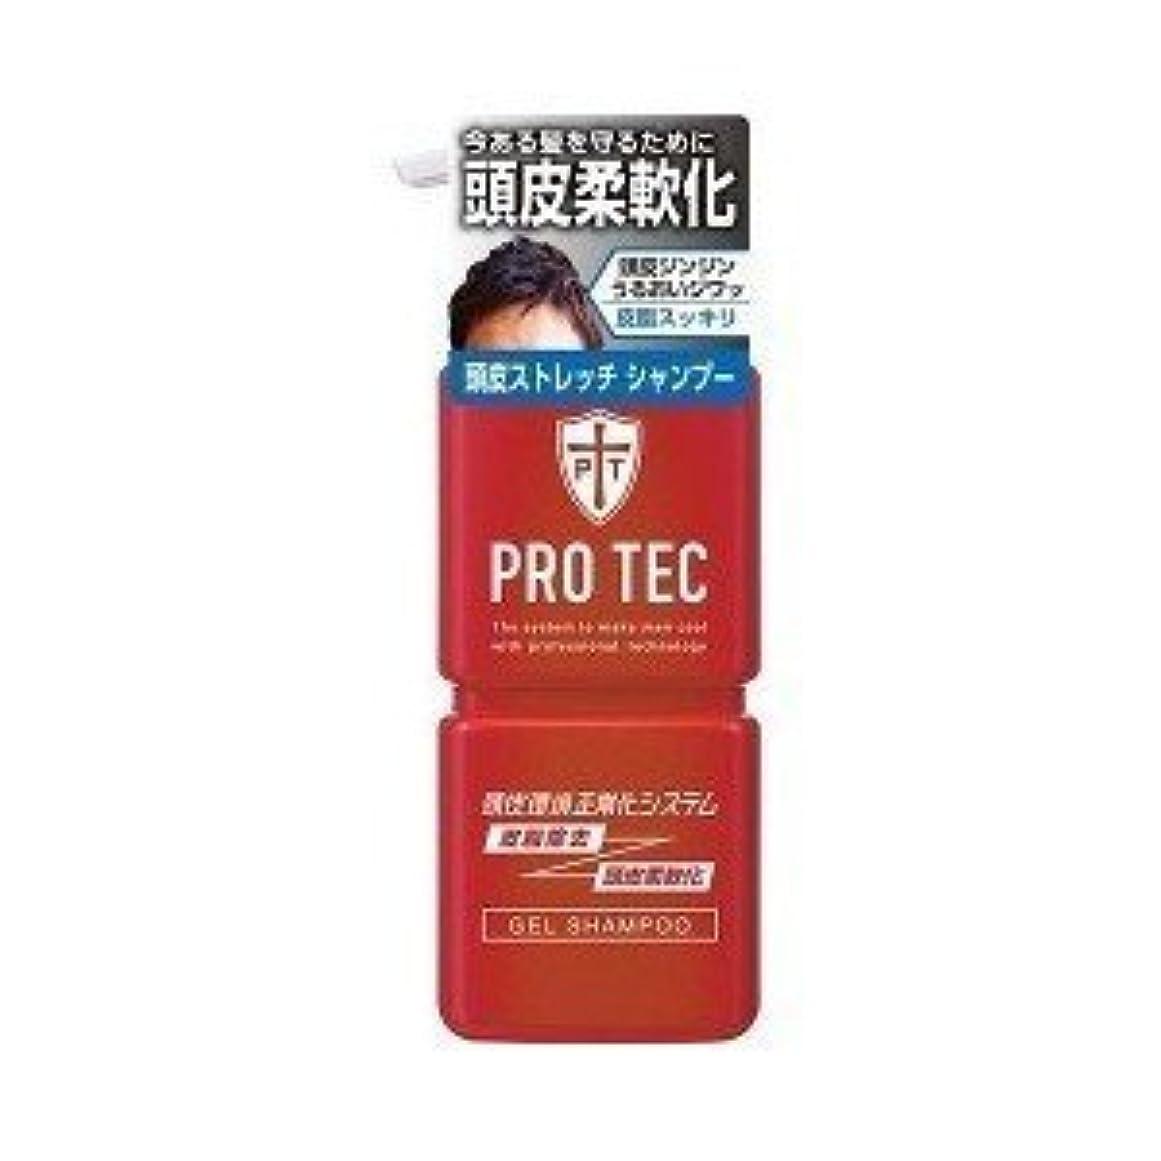 望み不機嫌ガム(ライオン)PRO TEC(プロテク) 頭皮ストレッチ シャンプー ポンプ 300g(医薬部外品)